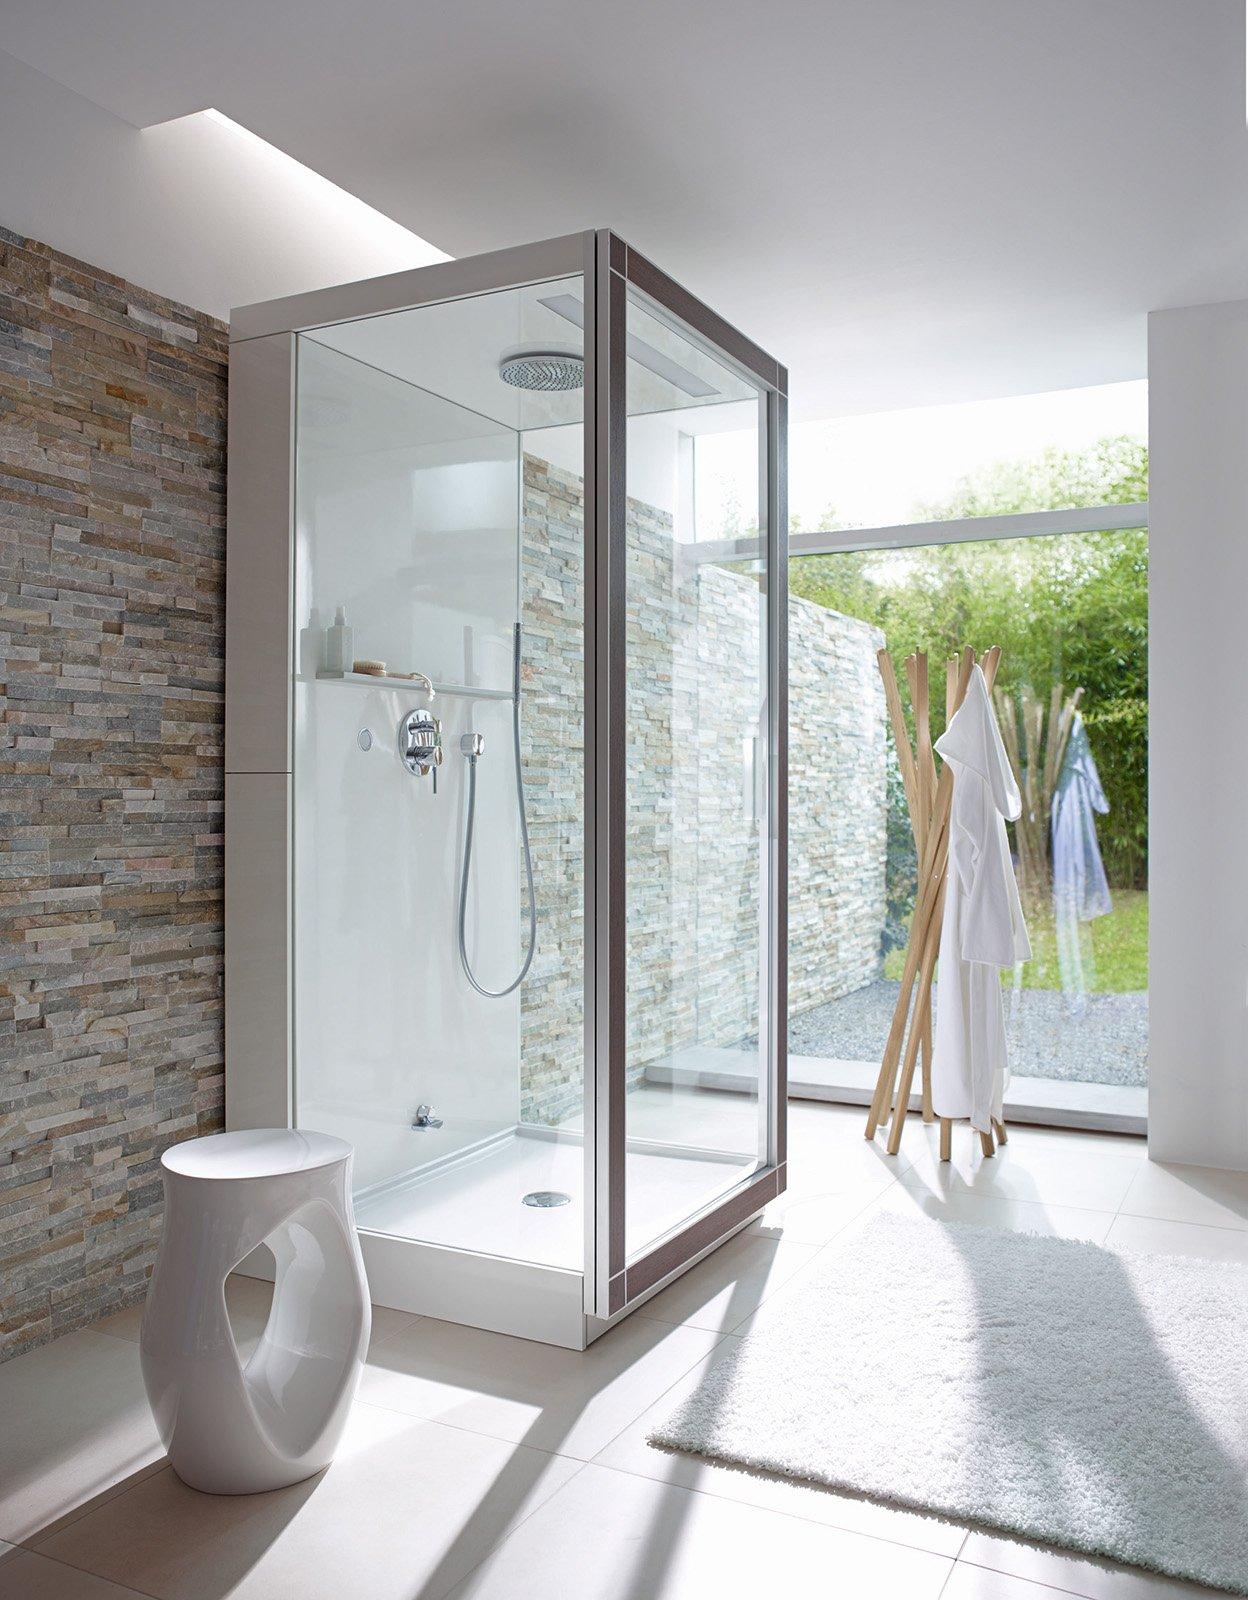 Bagno idromassaggio in vasca o doccia per un benessere domestico cose di casa - Bagno con doccia ...